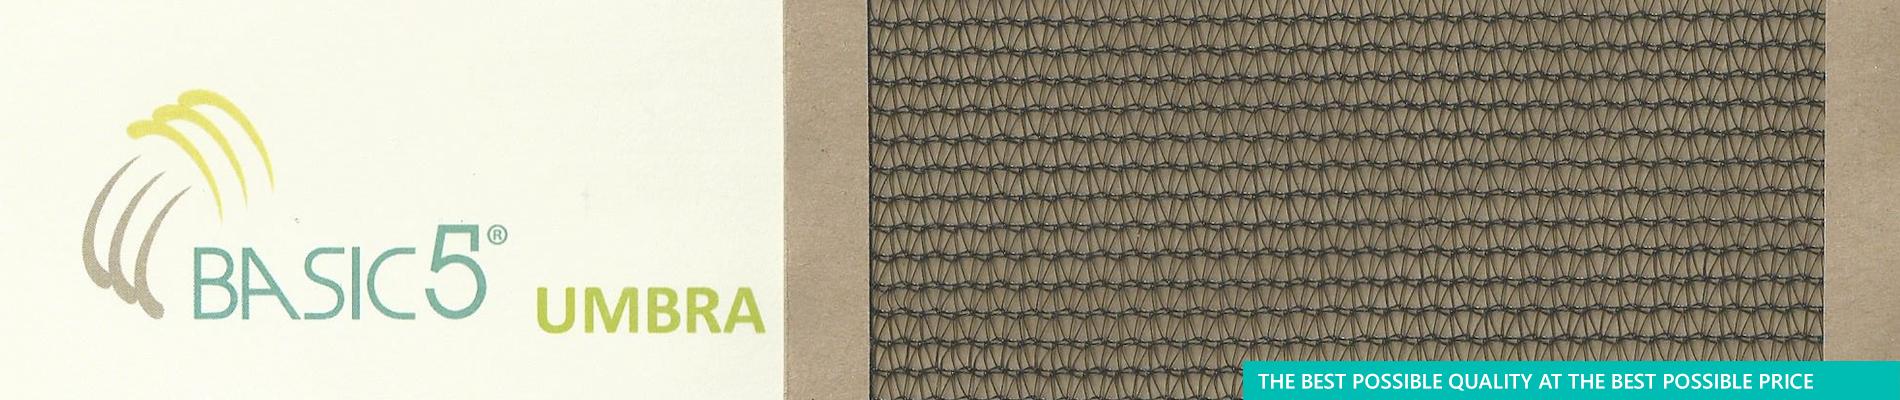 Produzione di reti tessute per ombreggio - Aduno srl